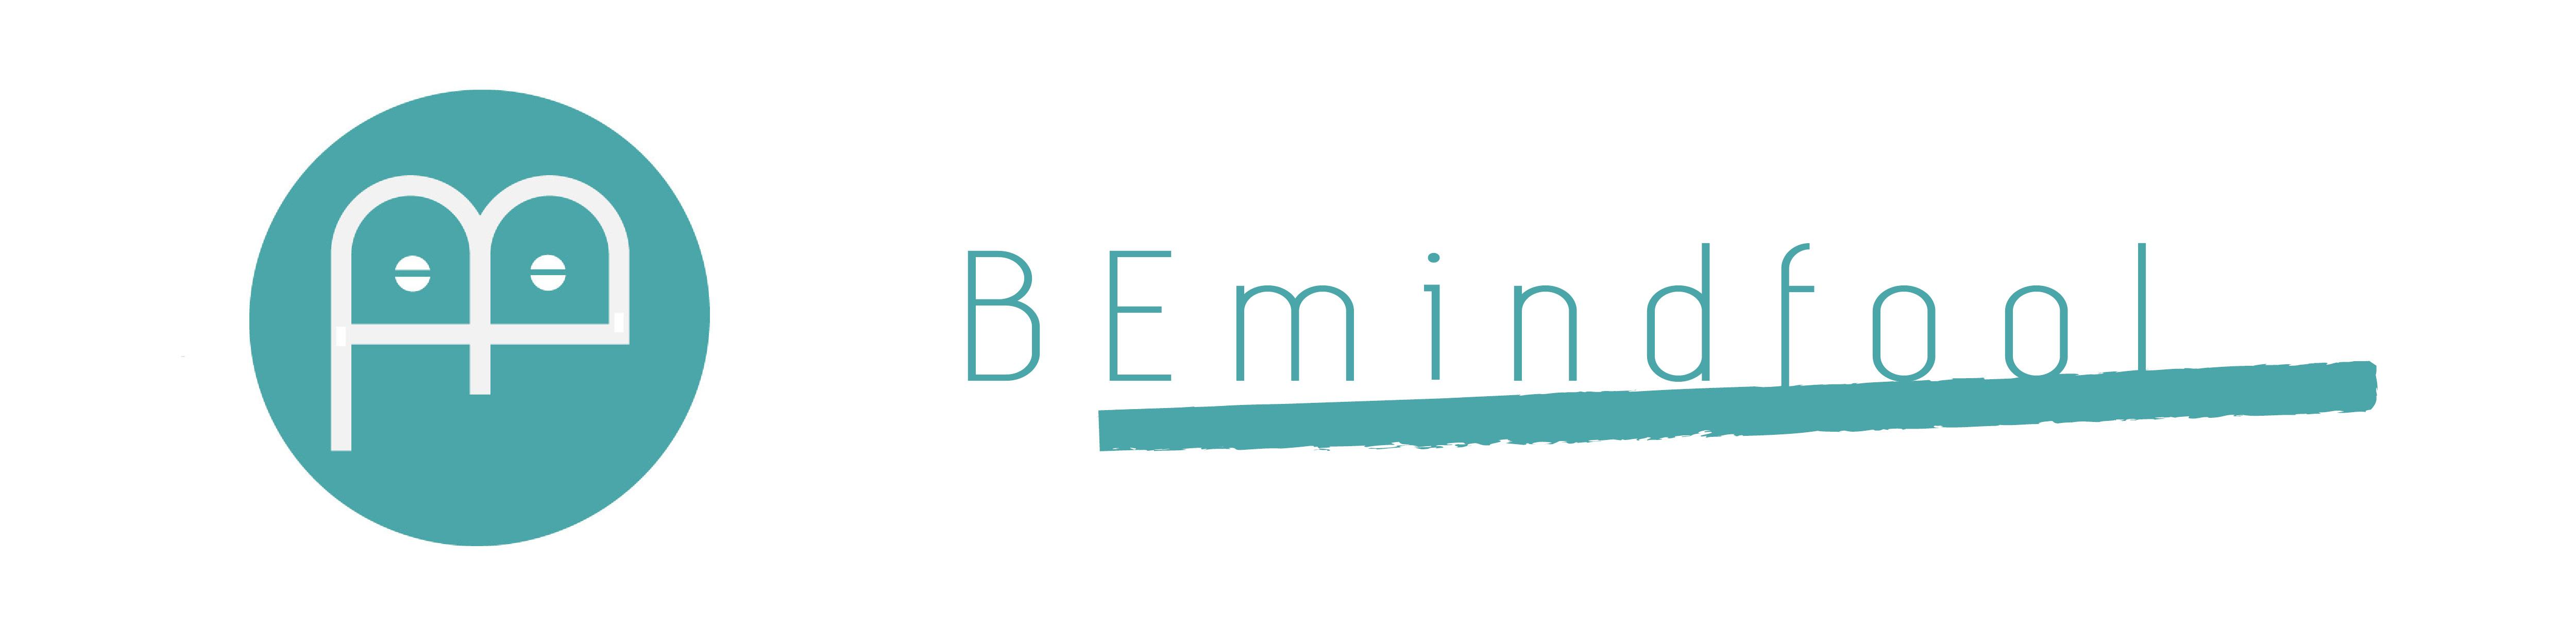 BEmindfool Logo